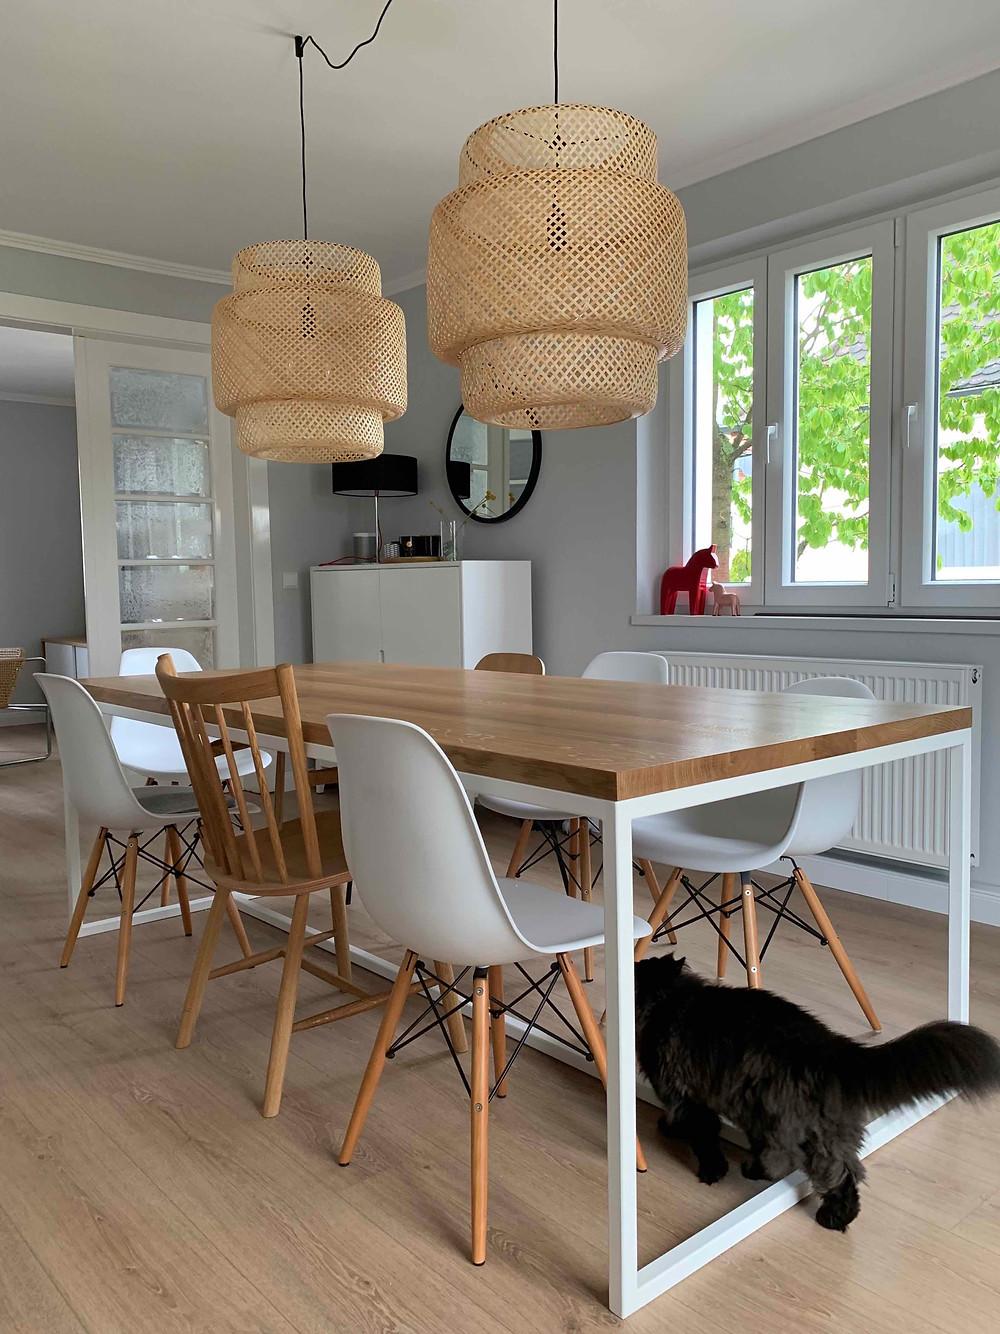 Esstisch skandinavisch weißes Tischgestell